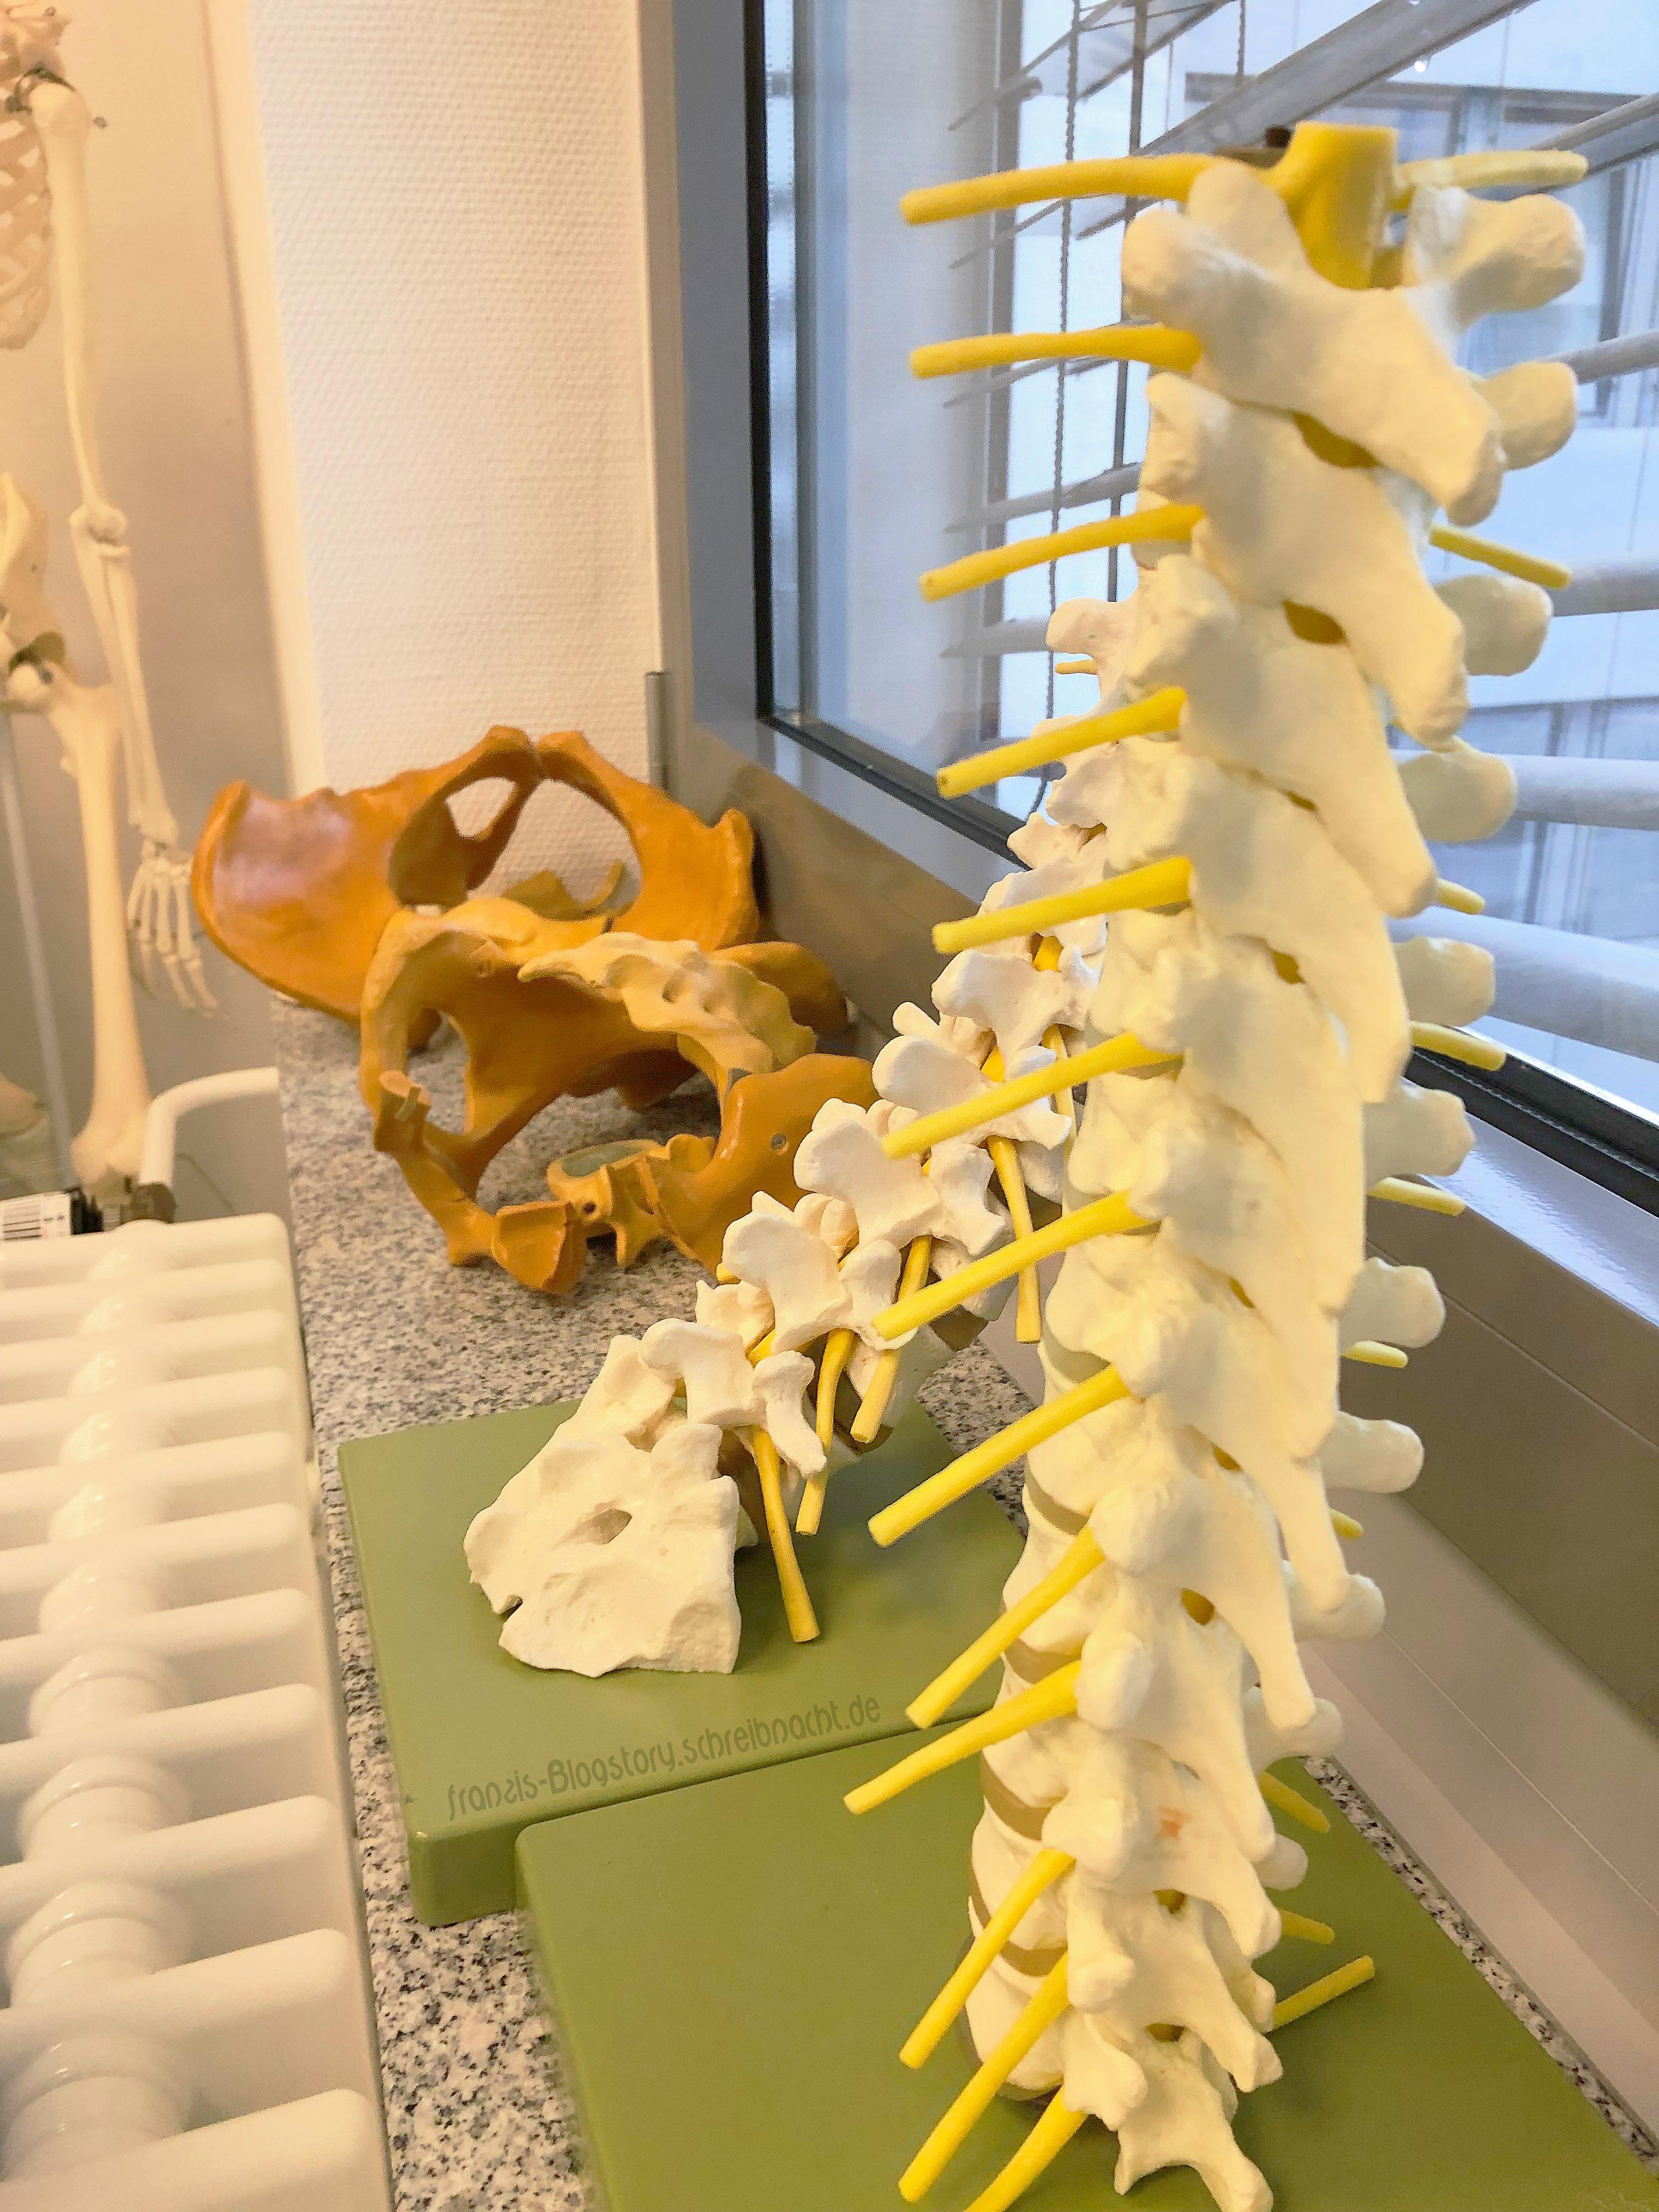 Unfallchirurgie/Orthopädie franzis-blogstory.schreibnacht.de